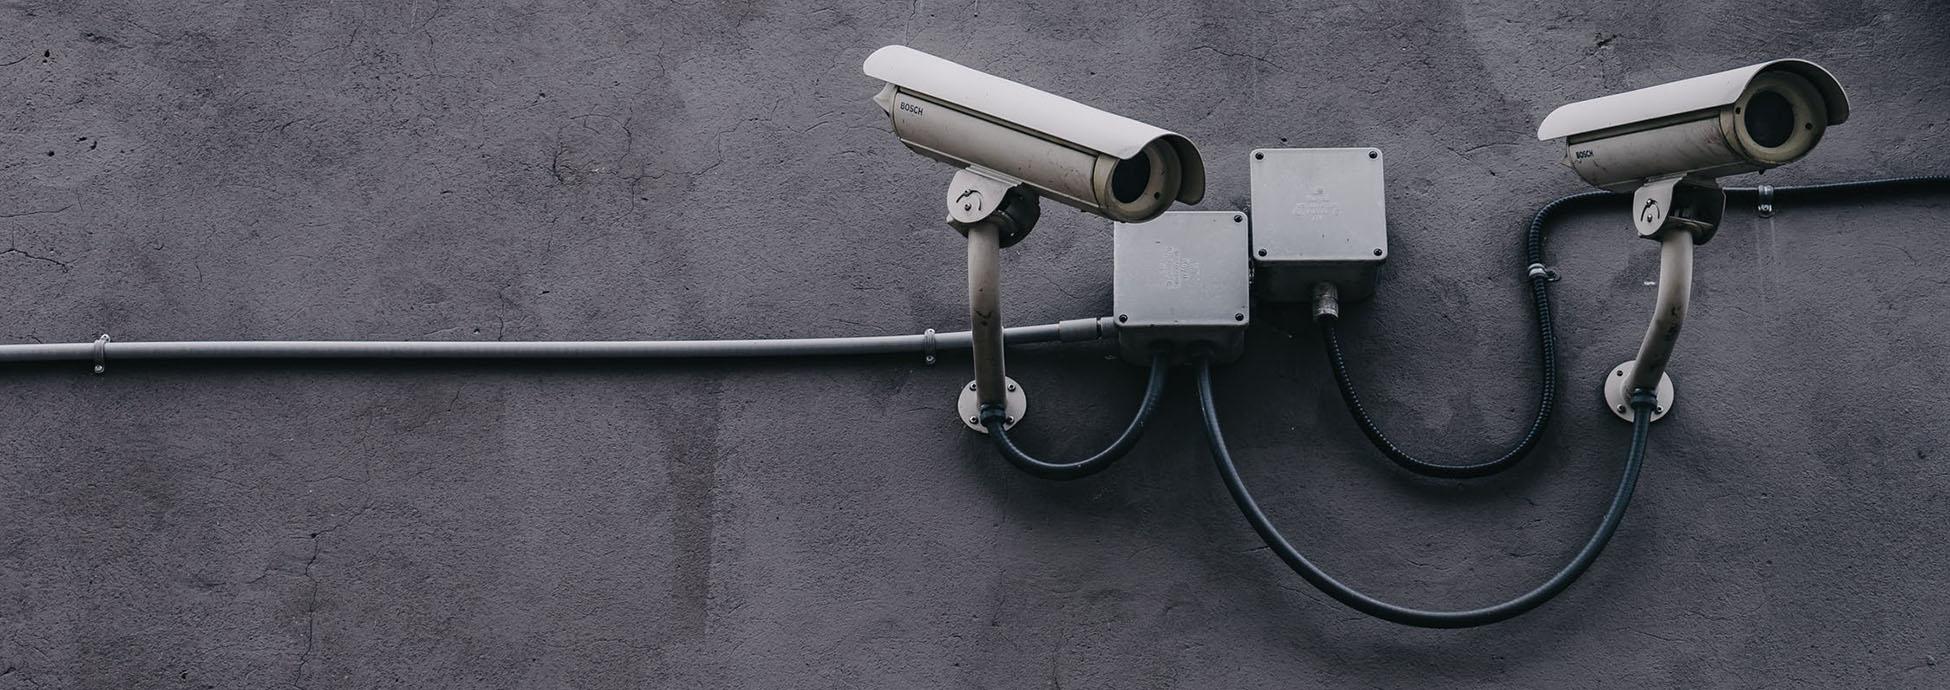 KRAUSE Datenschutz